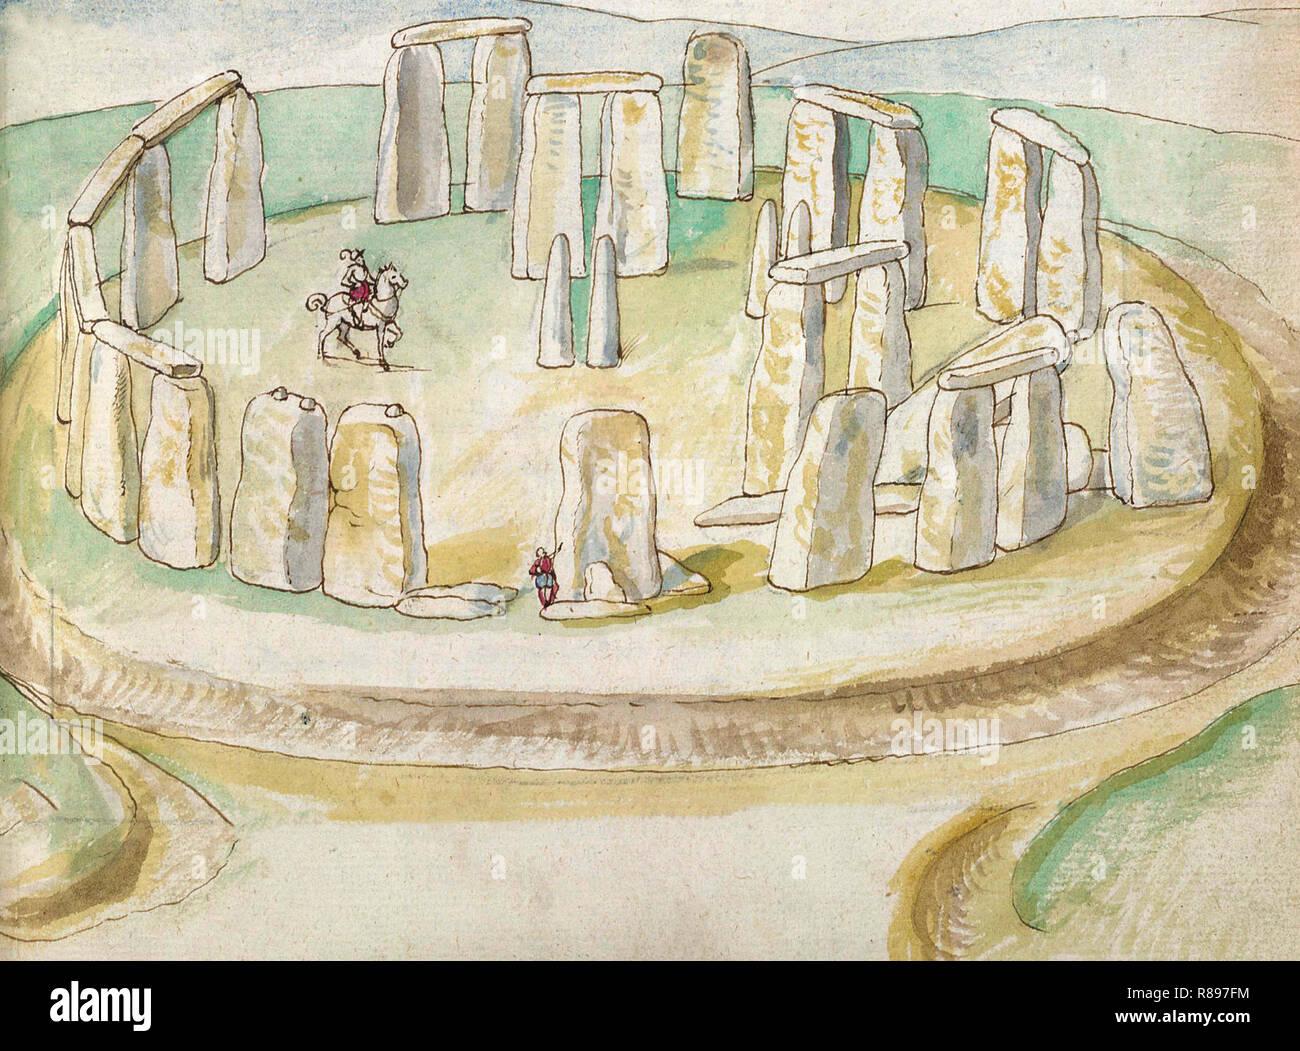 Première peinture réaliste de Stonehenge, peint à l'aquarelle par Lucas de Heere, vers 1575 Photo Stock